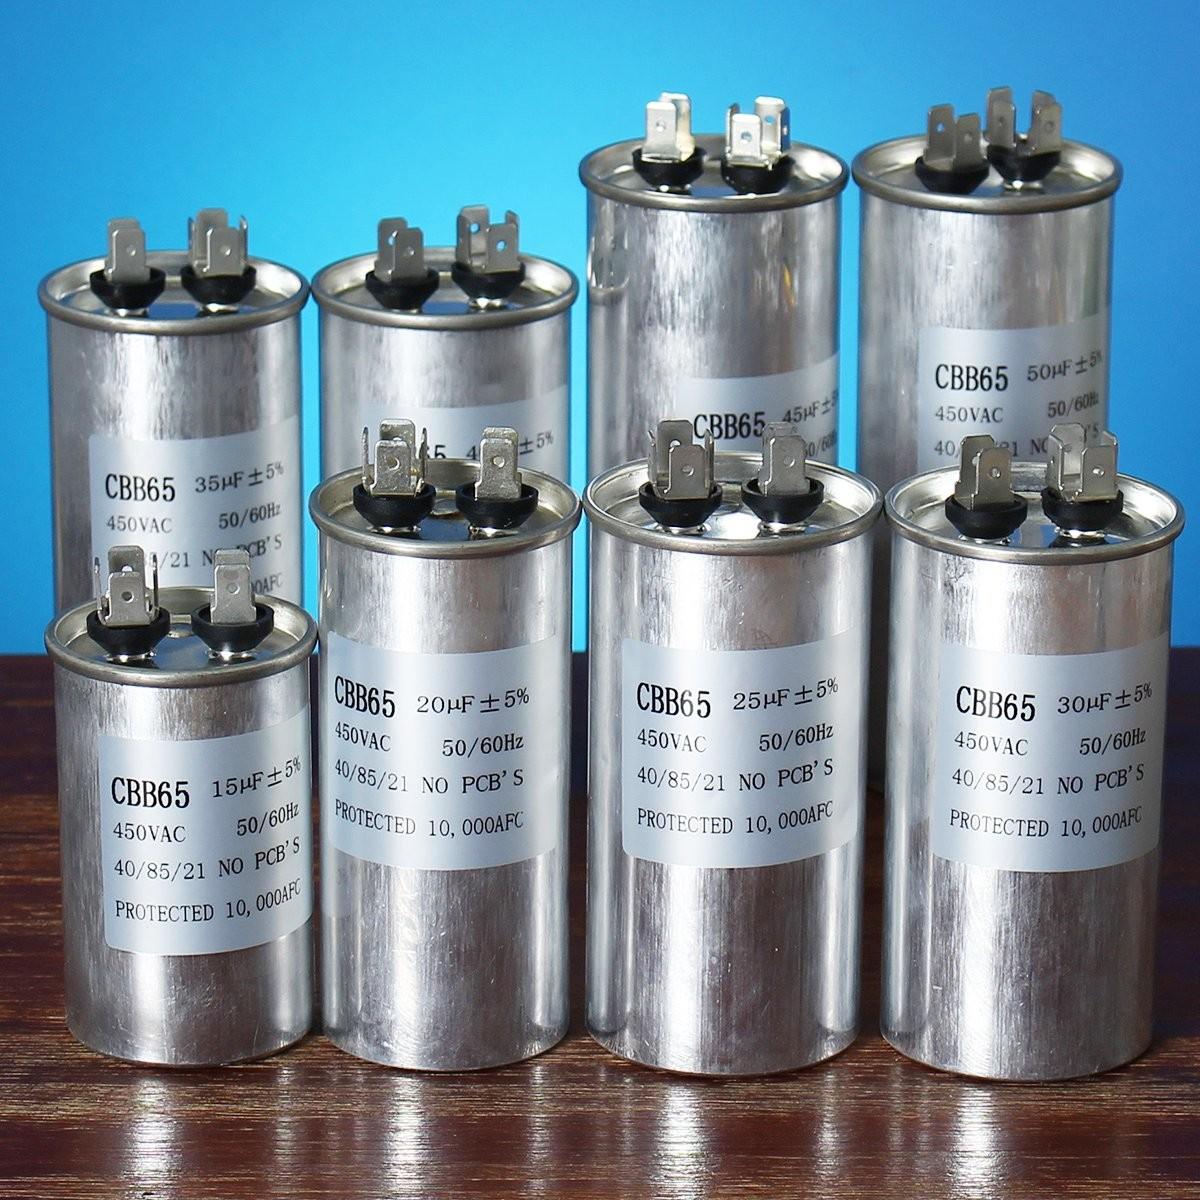 15 50uf Motor Capacitor Cbb65 450vac Air Conditioner